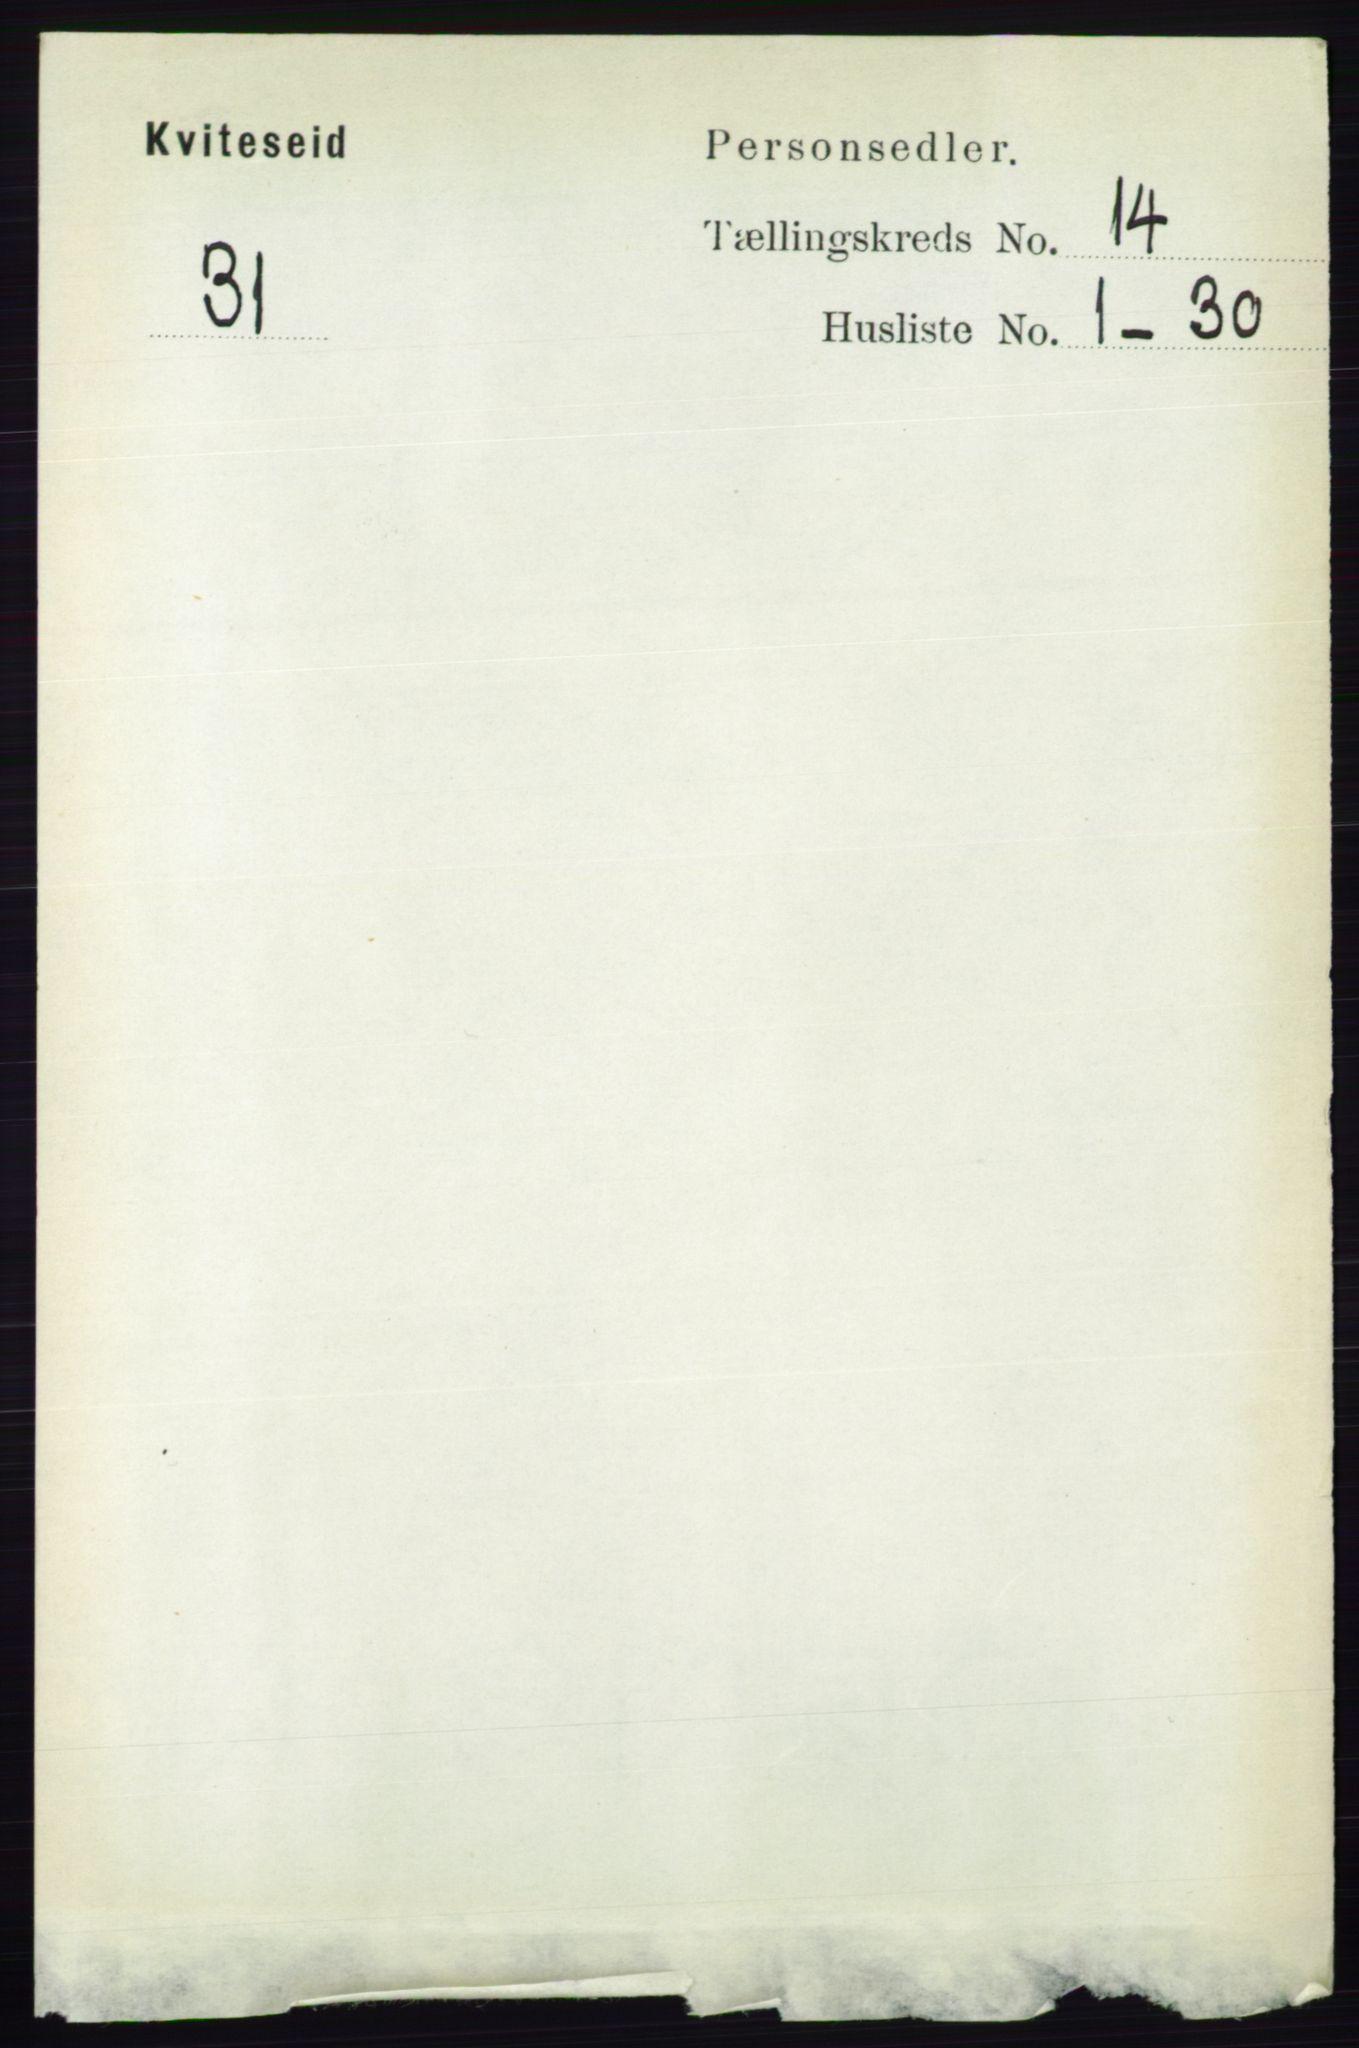 RA, Folketelling 1891 for 0829 Kviteseid herred, 1891, s. 3347